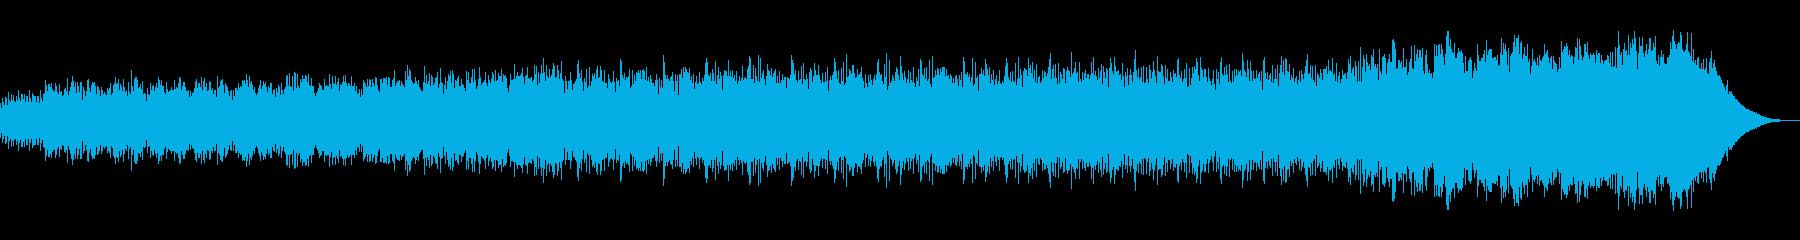 アジアンで儀式的な雰囲気のサウンドの再生済みの波形